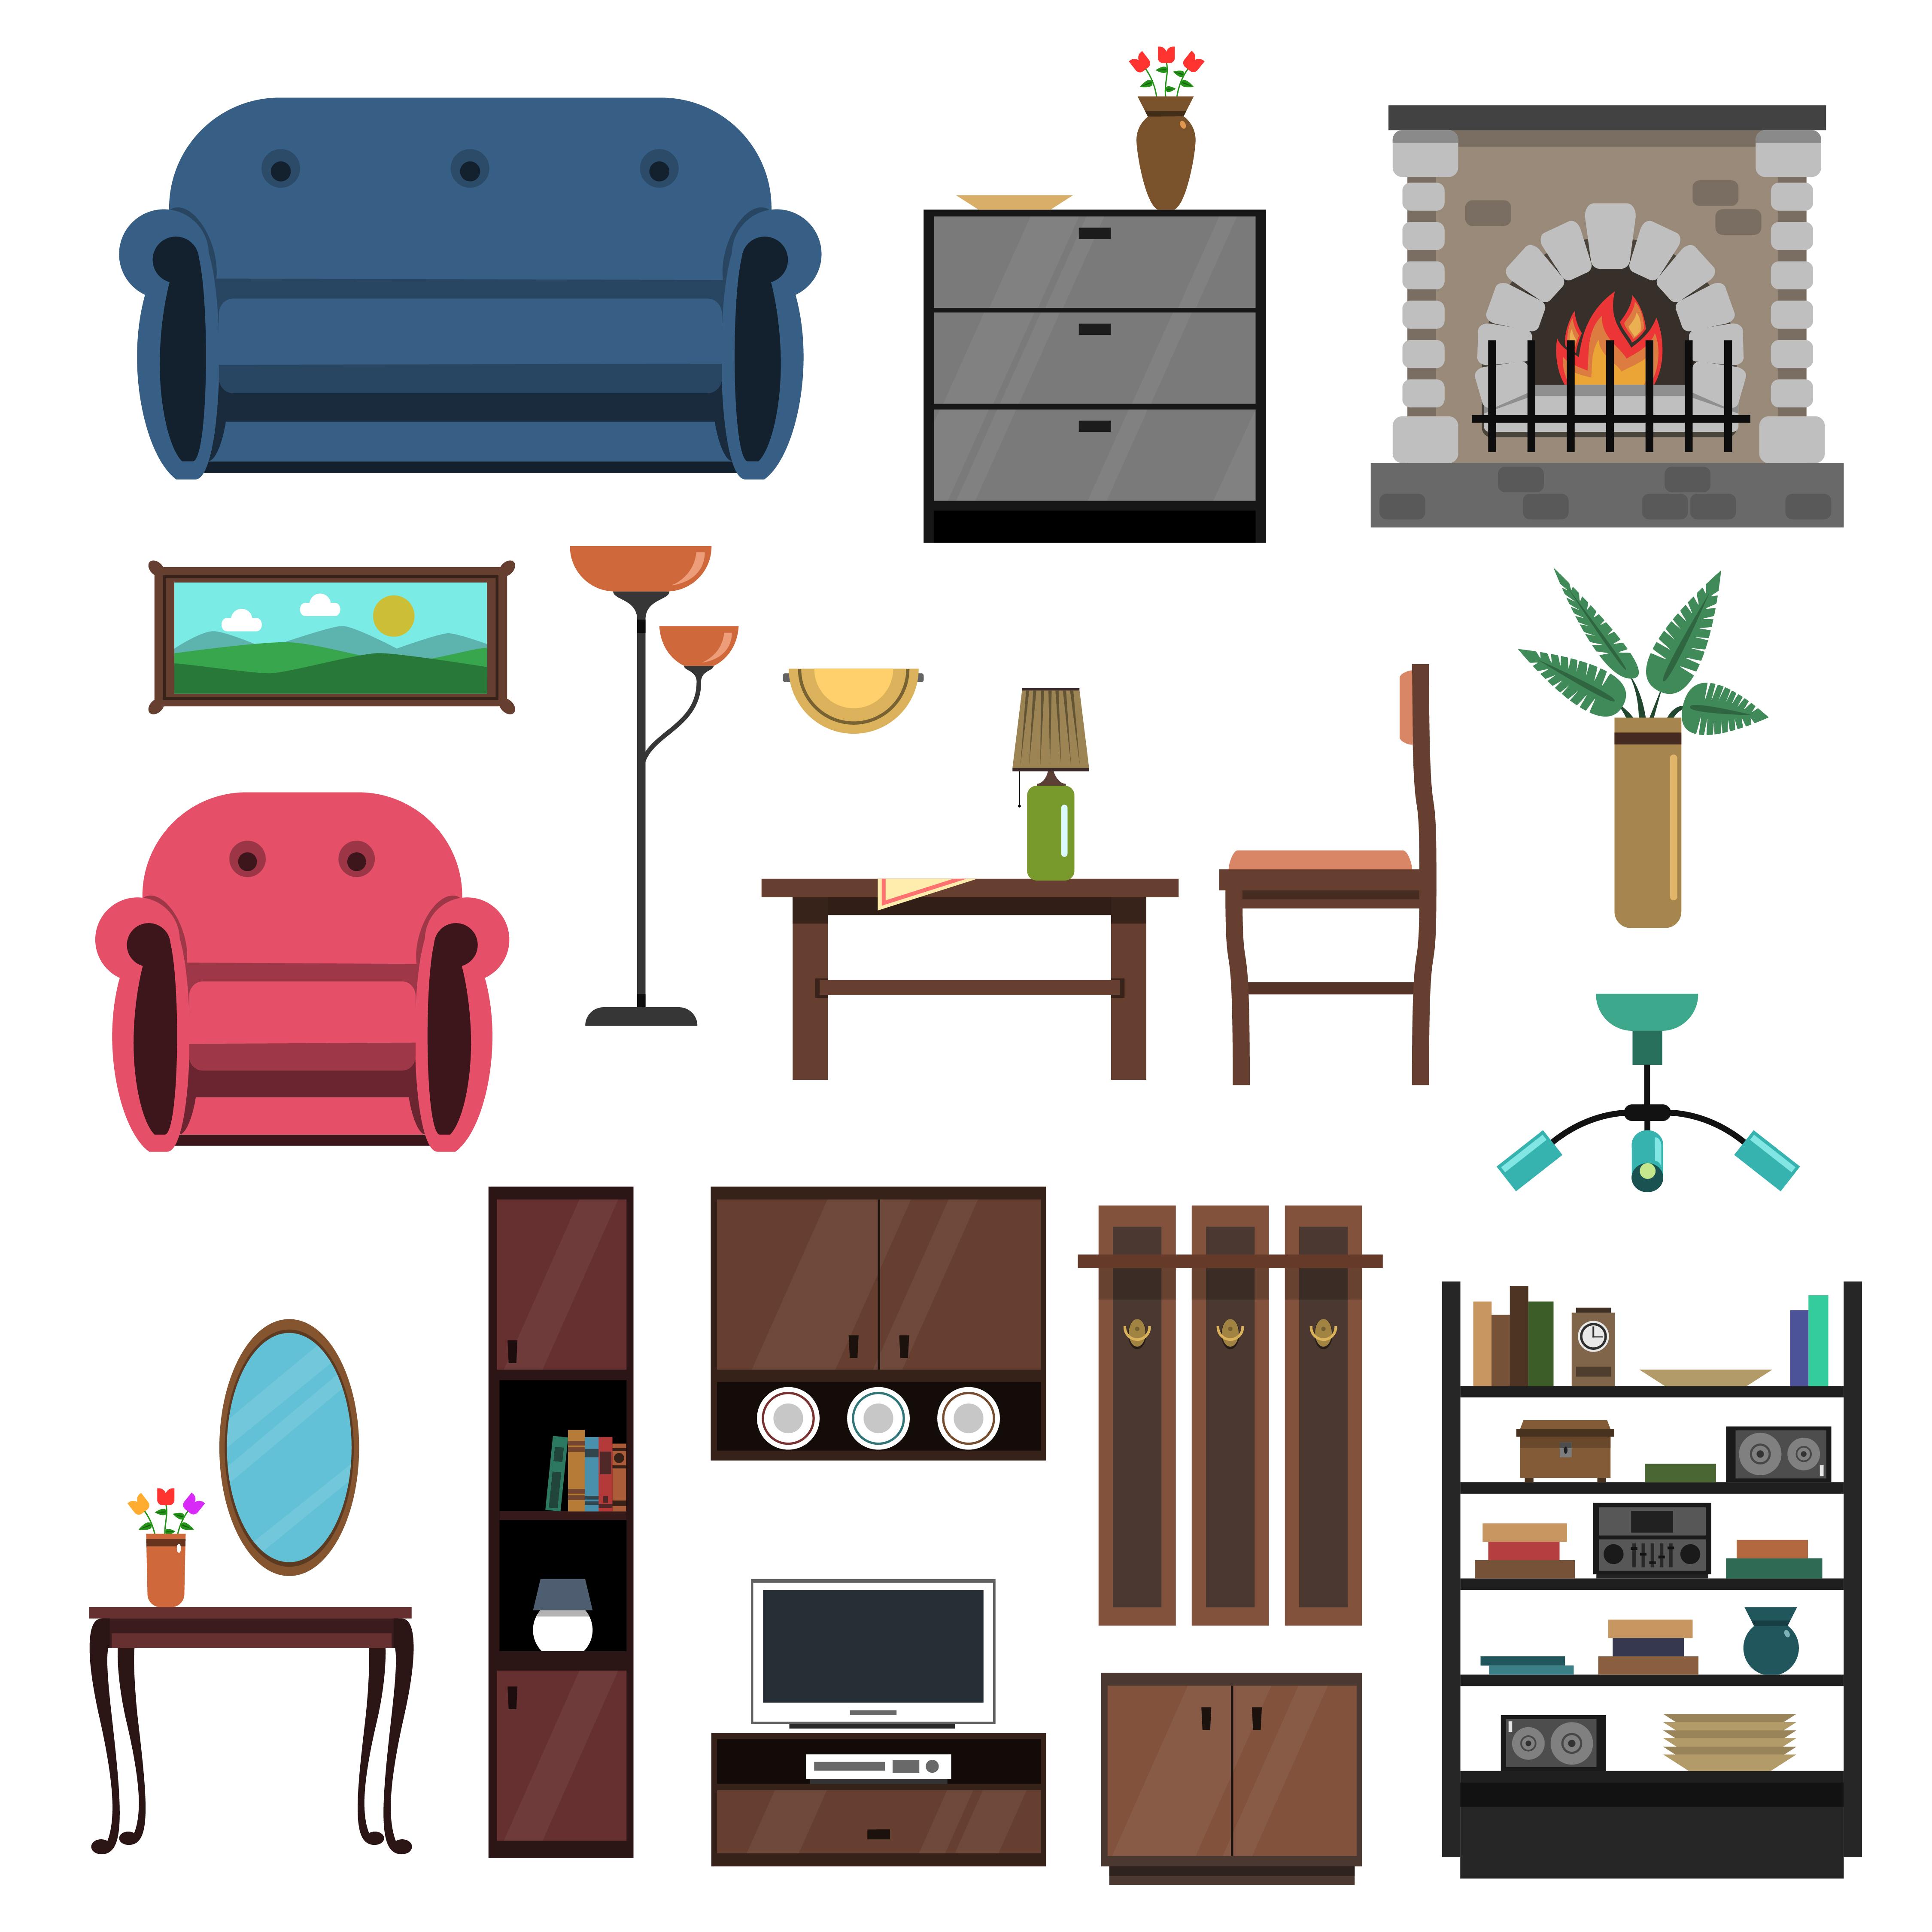 Interior Icons Flat Set - Download Free Vectors, Clipart Graphics & Vector Art